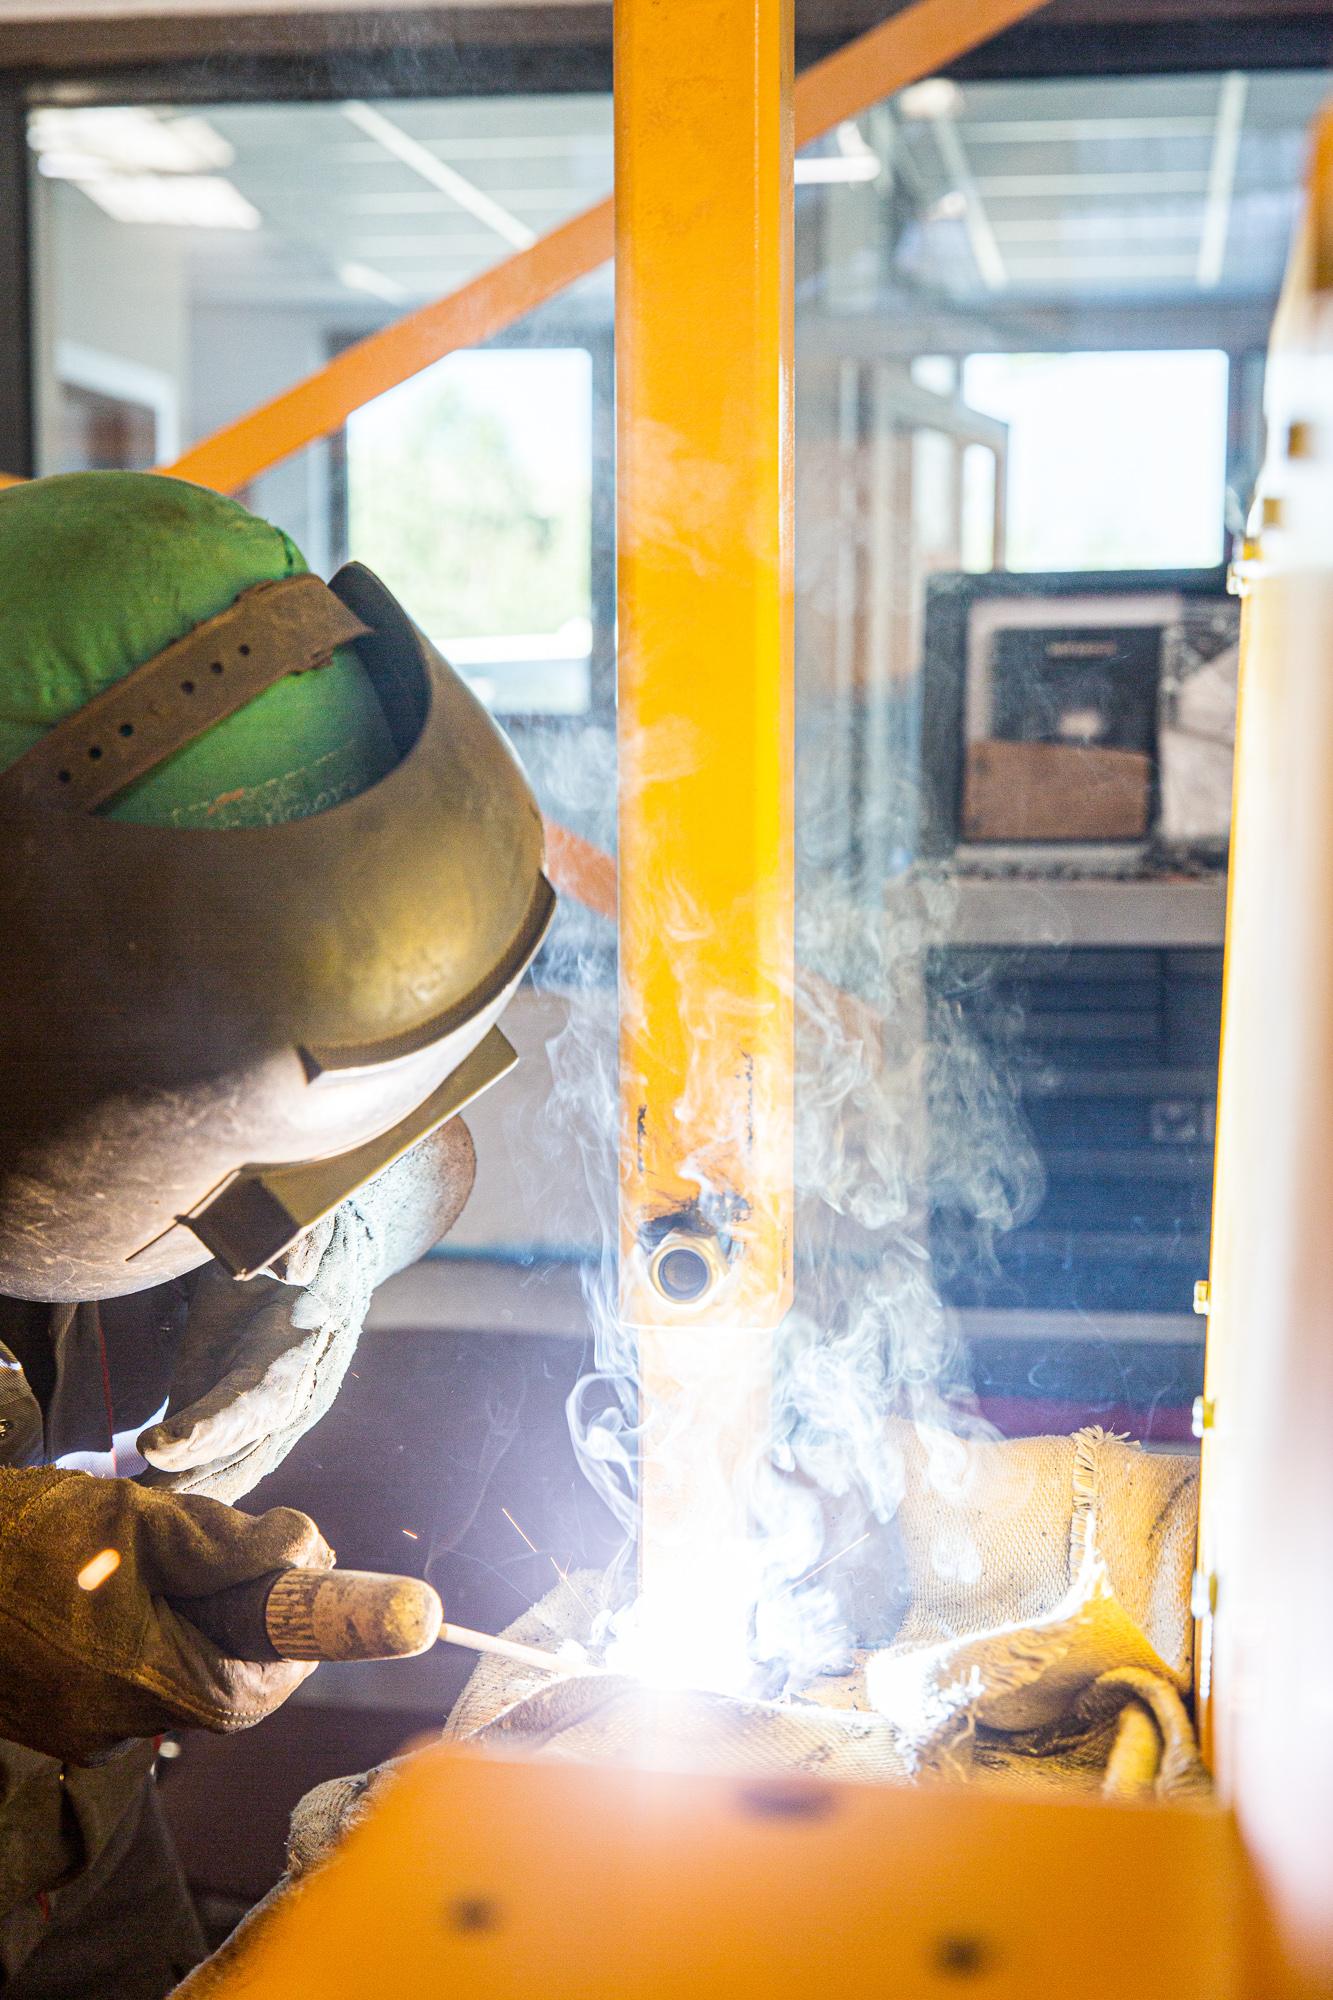 Un soudeur utilise son poste à souder sur des pièces en métal d'un véhicule chez Aramine